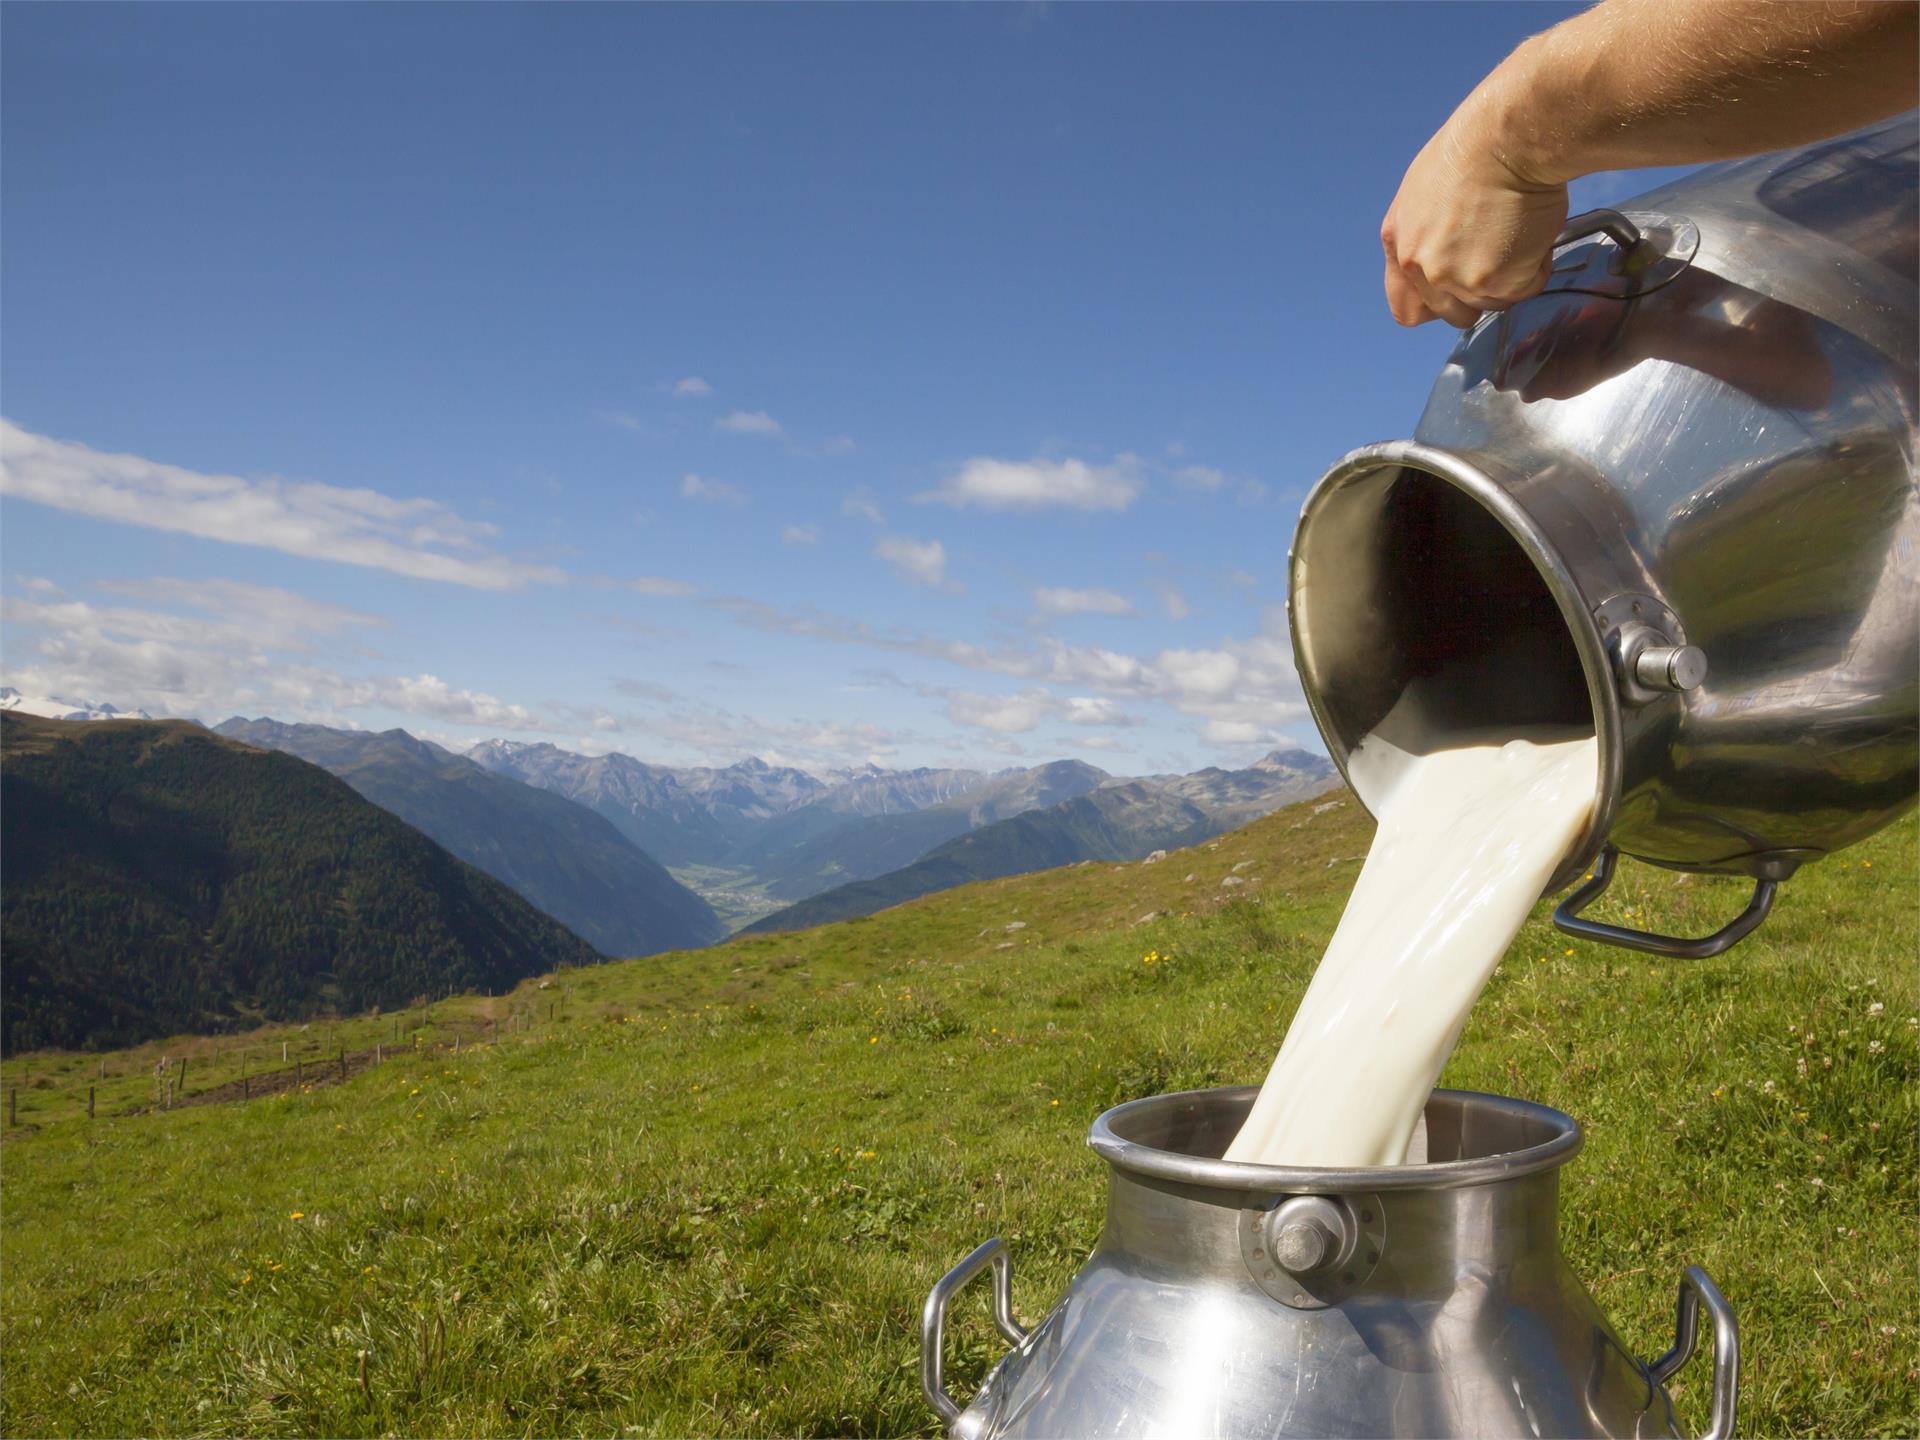 Come arriva il latte nella busta?